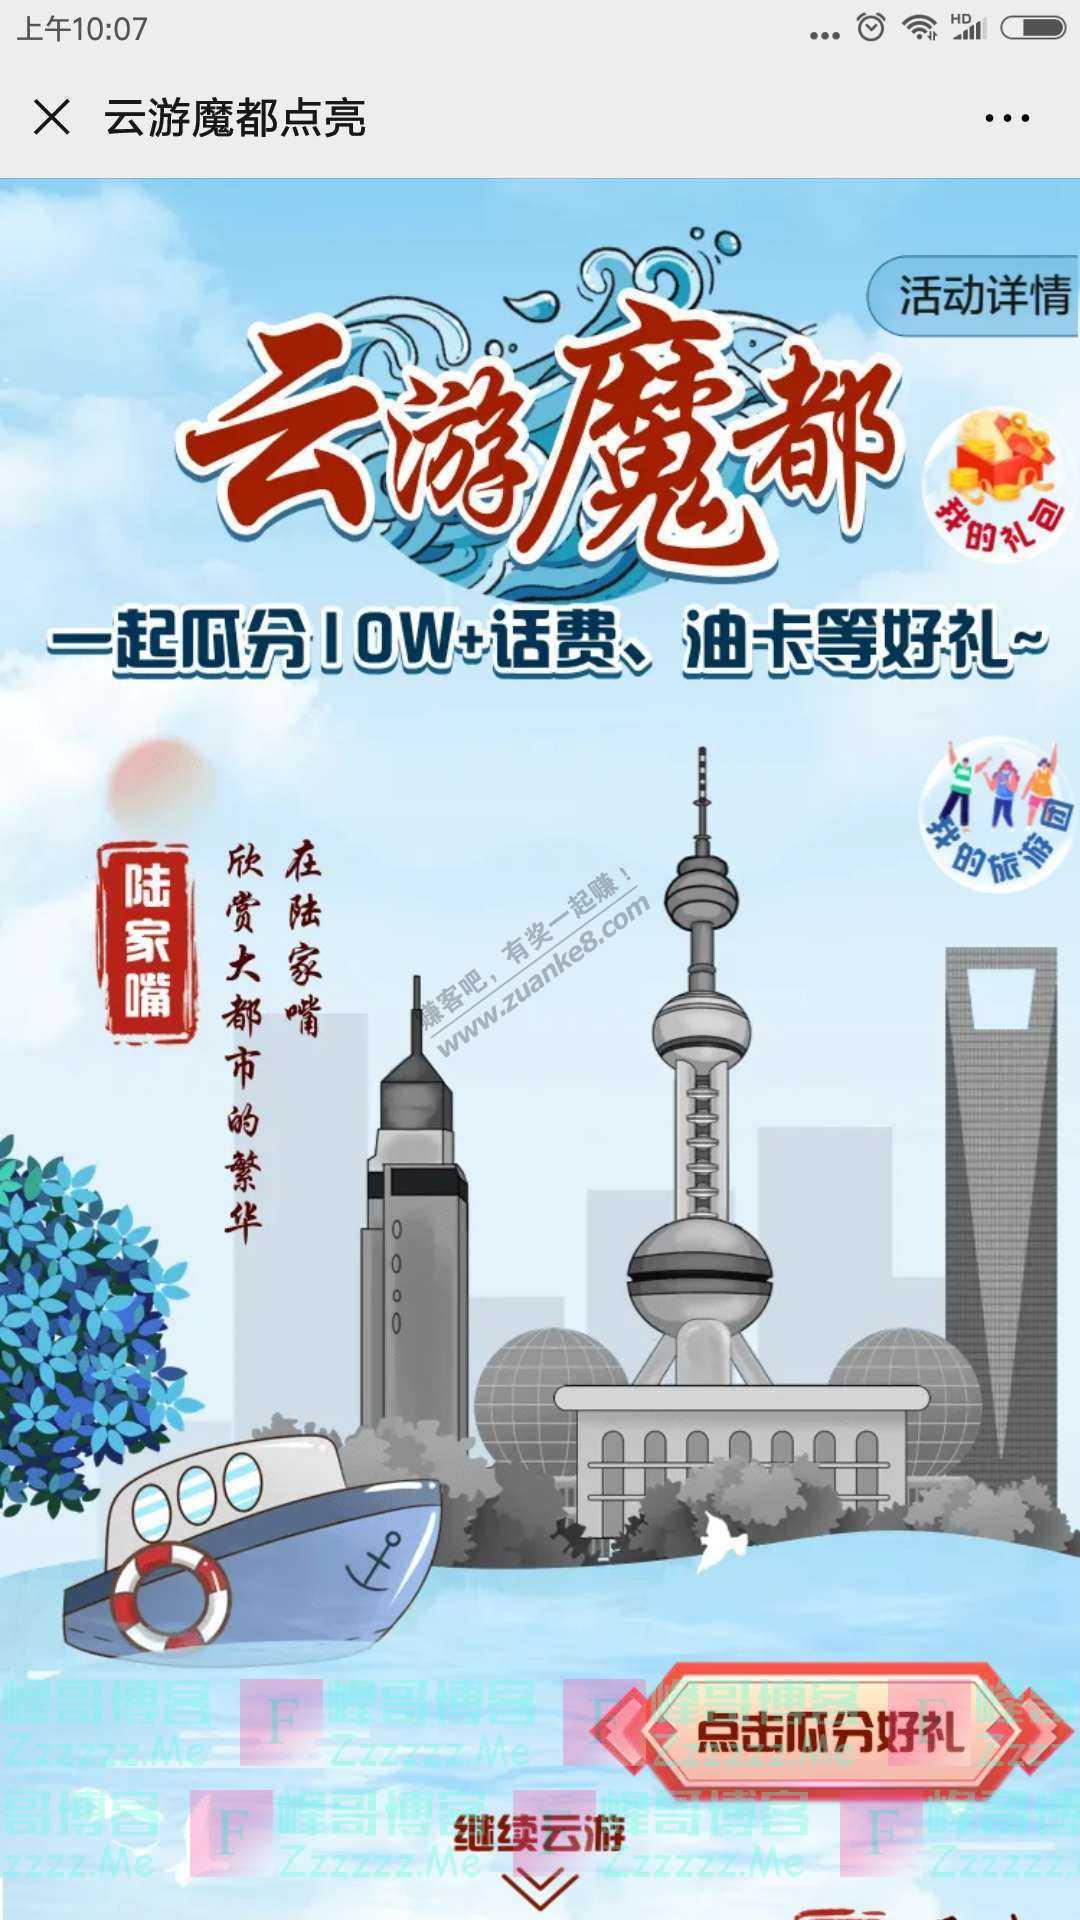 上海建行您有100元油卡、50元话费待领取(截止10月15日)